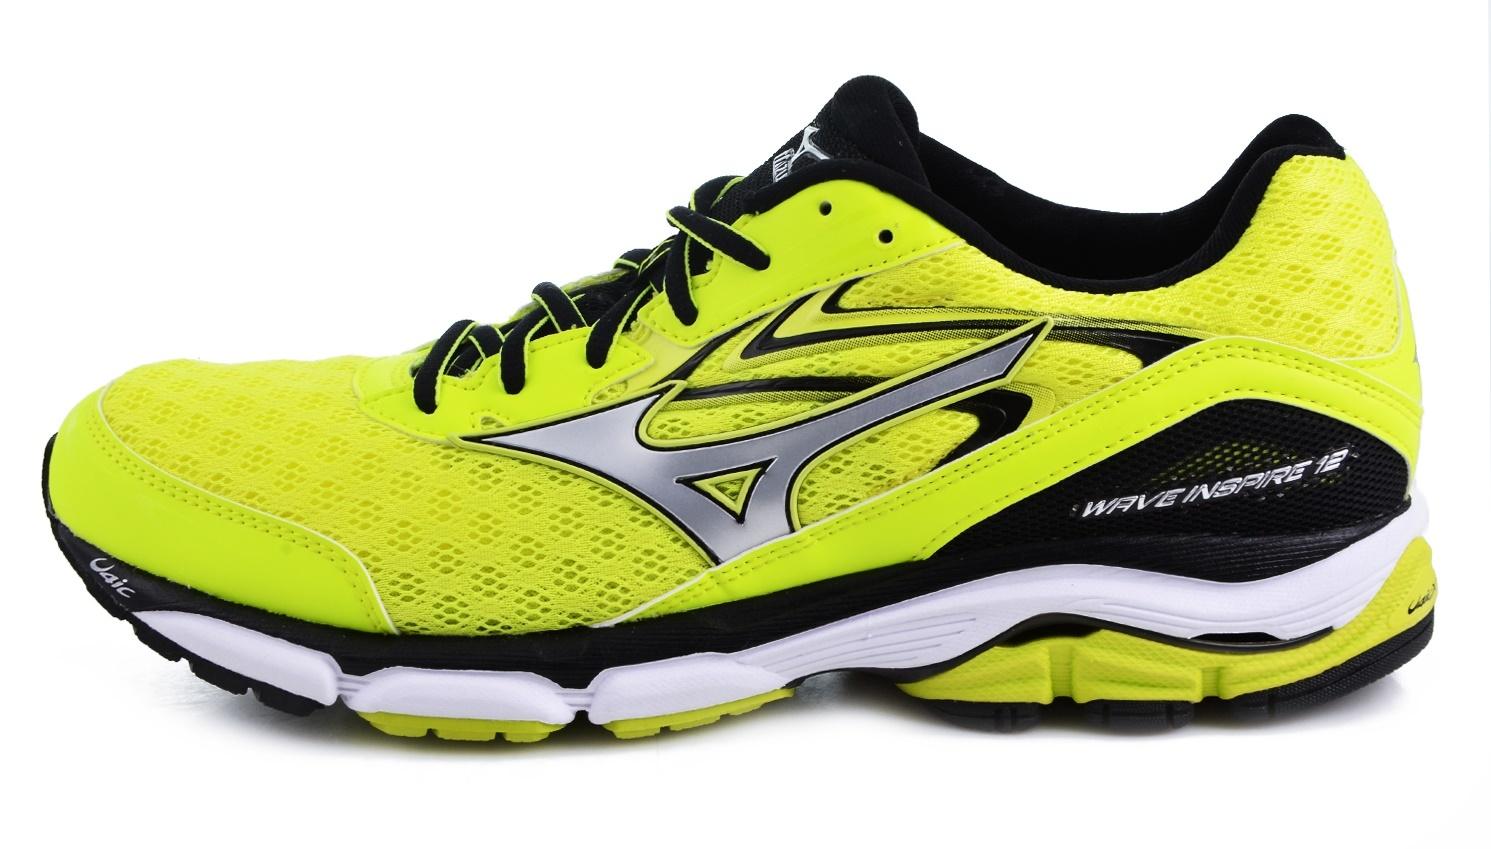 bacdf11a06a0 Мужские кроссовки для бега Mizuno Wave Inspire 12 желтые - Интернет ...